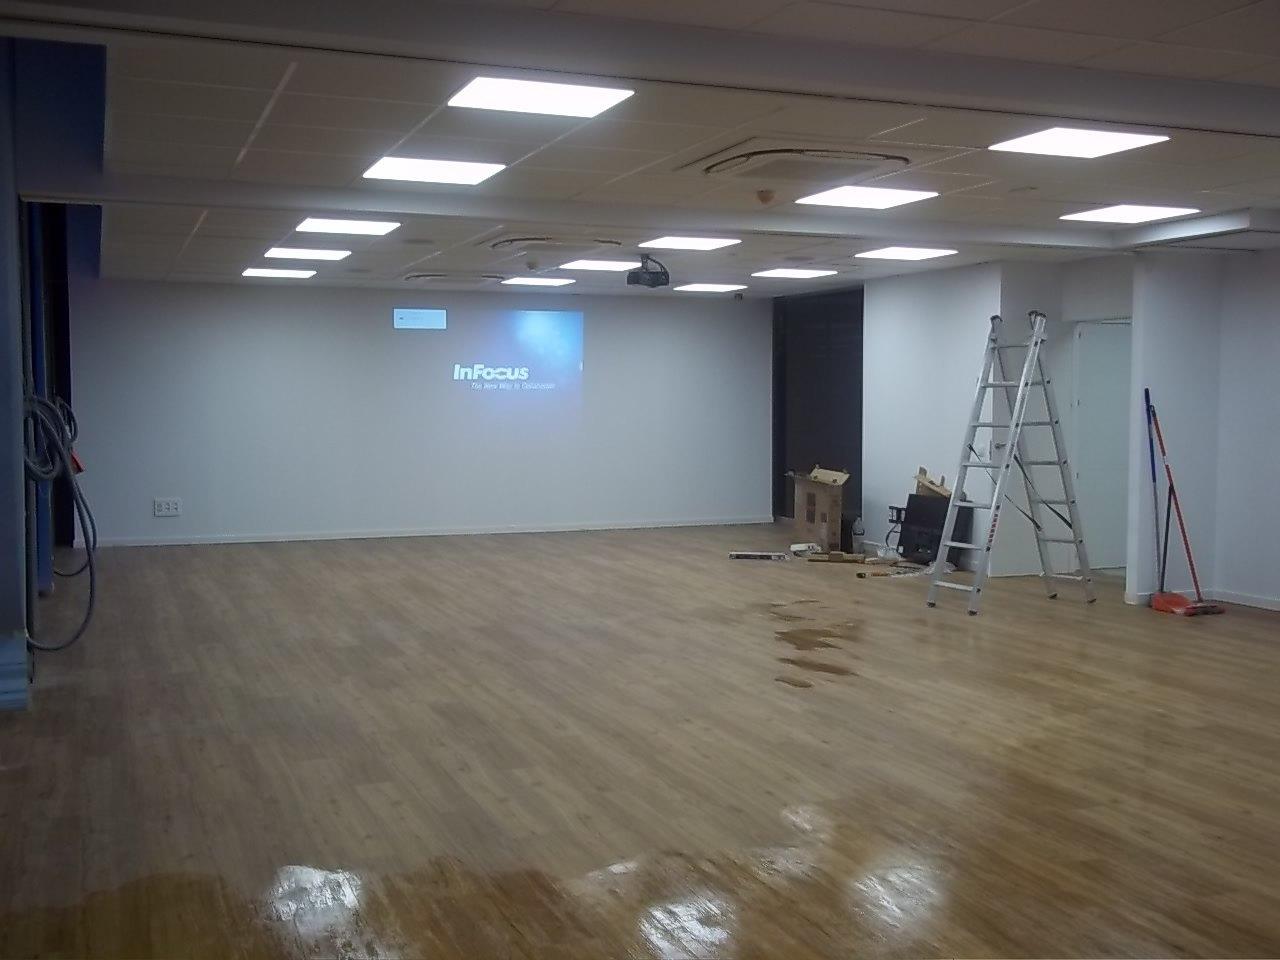 Keysight conference room